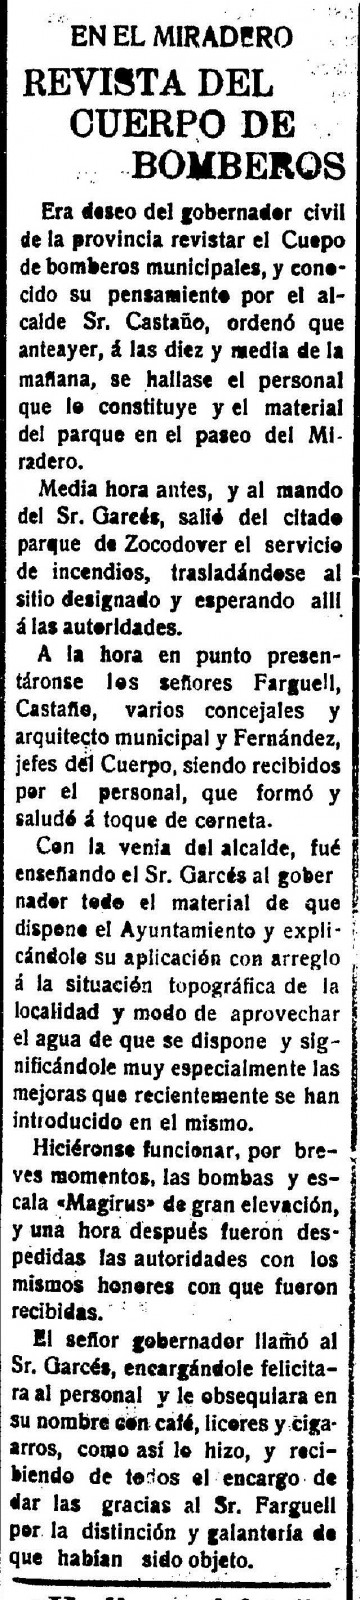 Maniobra Bomberos en el Miradero 3 de noviembre de 1921. El Castellano